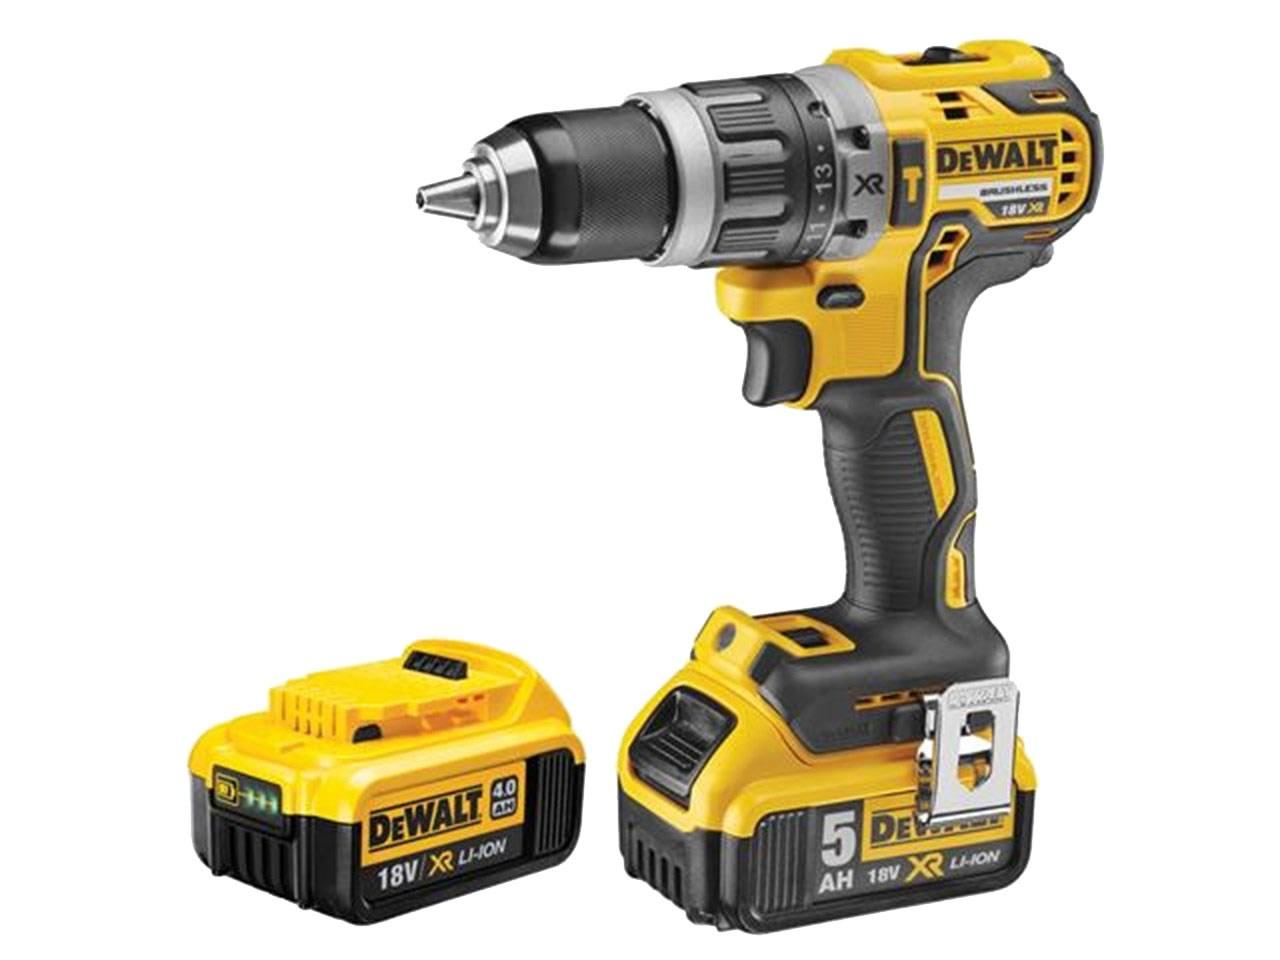 Image result for image of dewalt drill